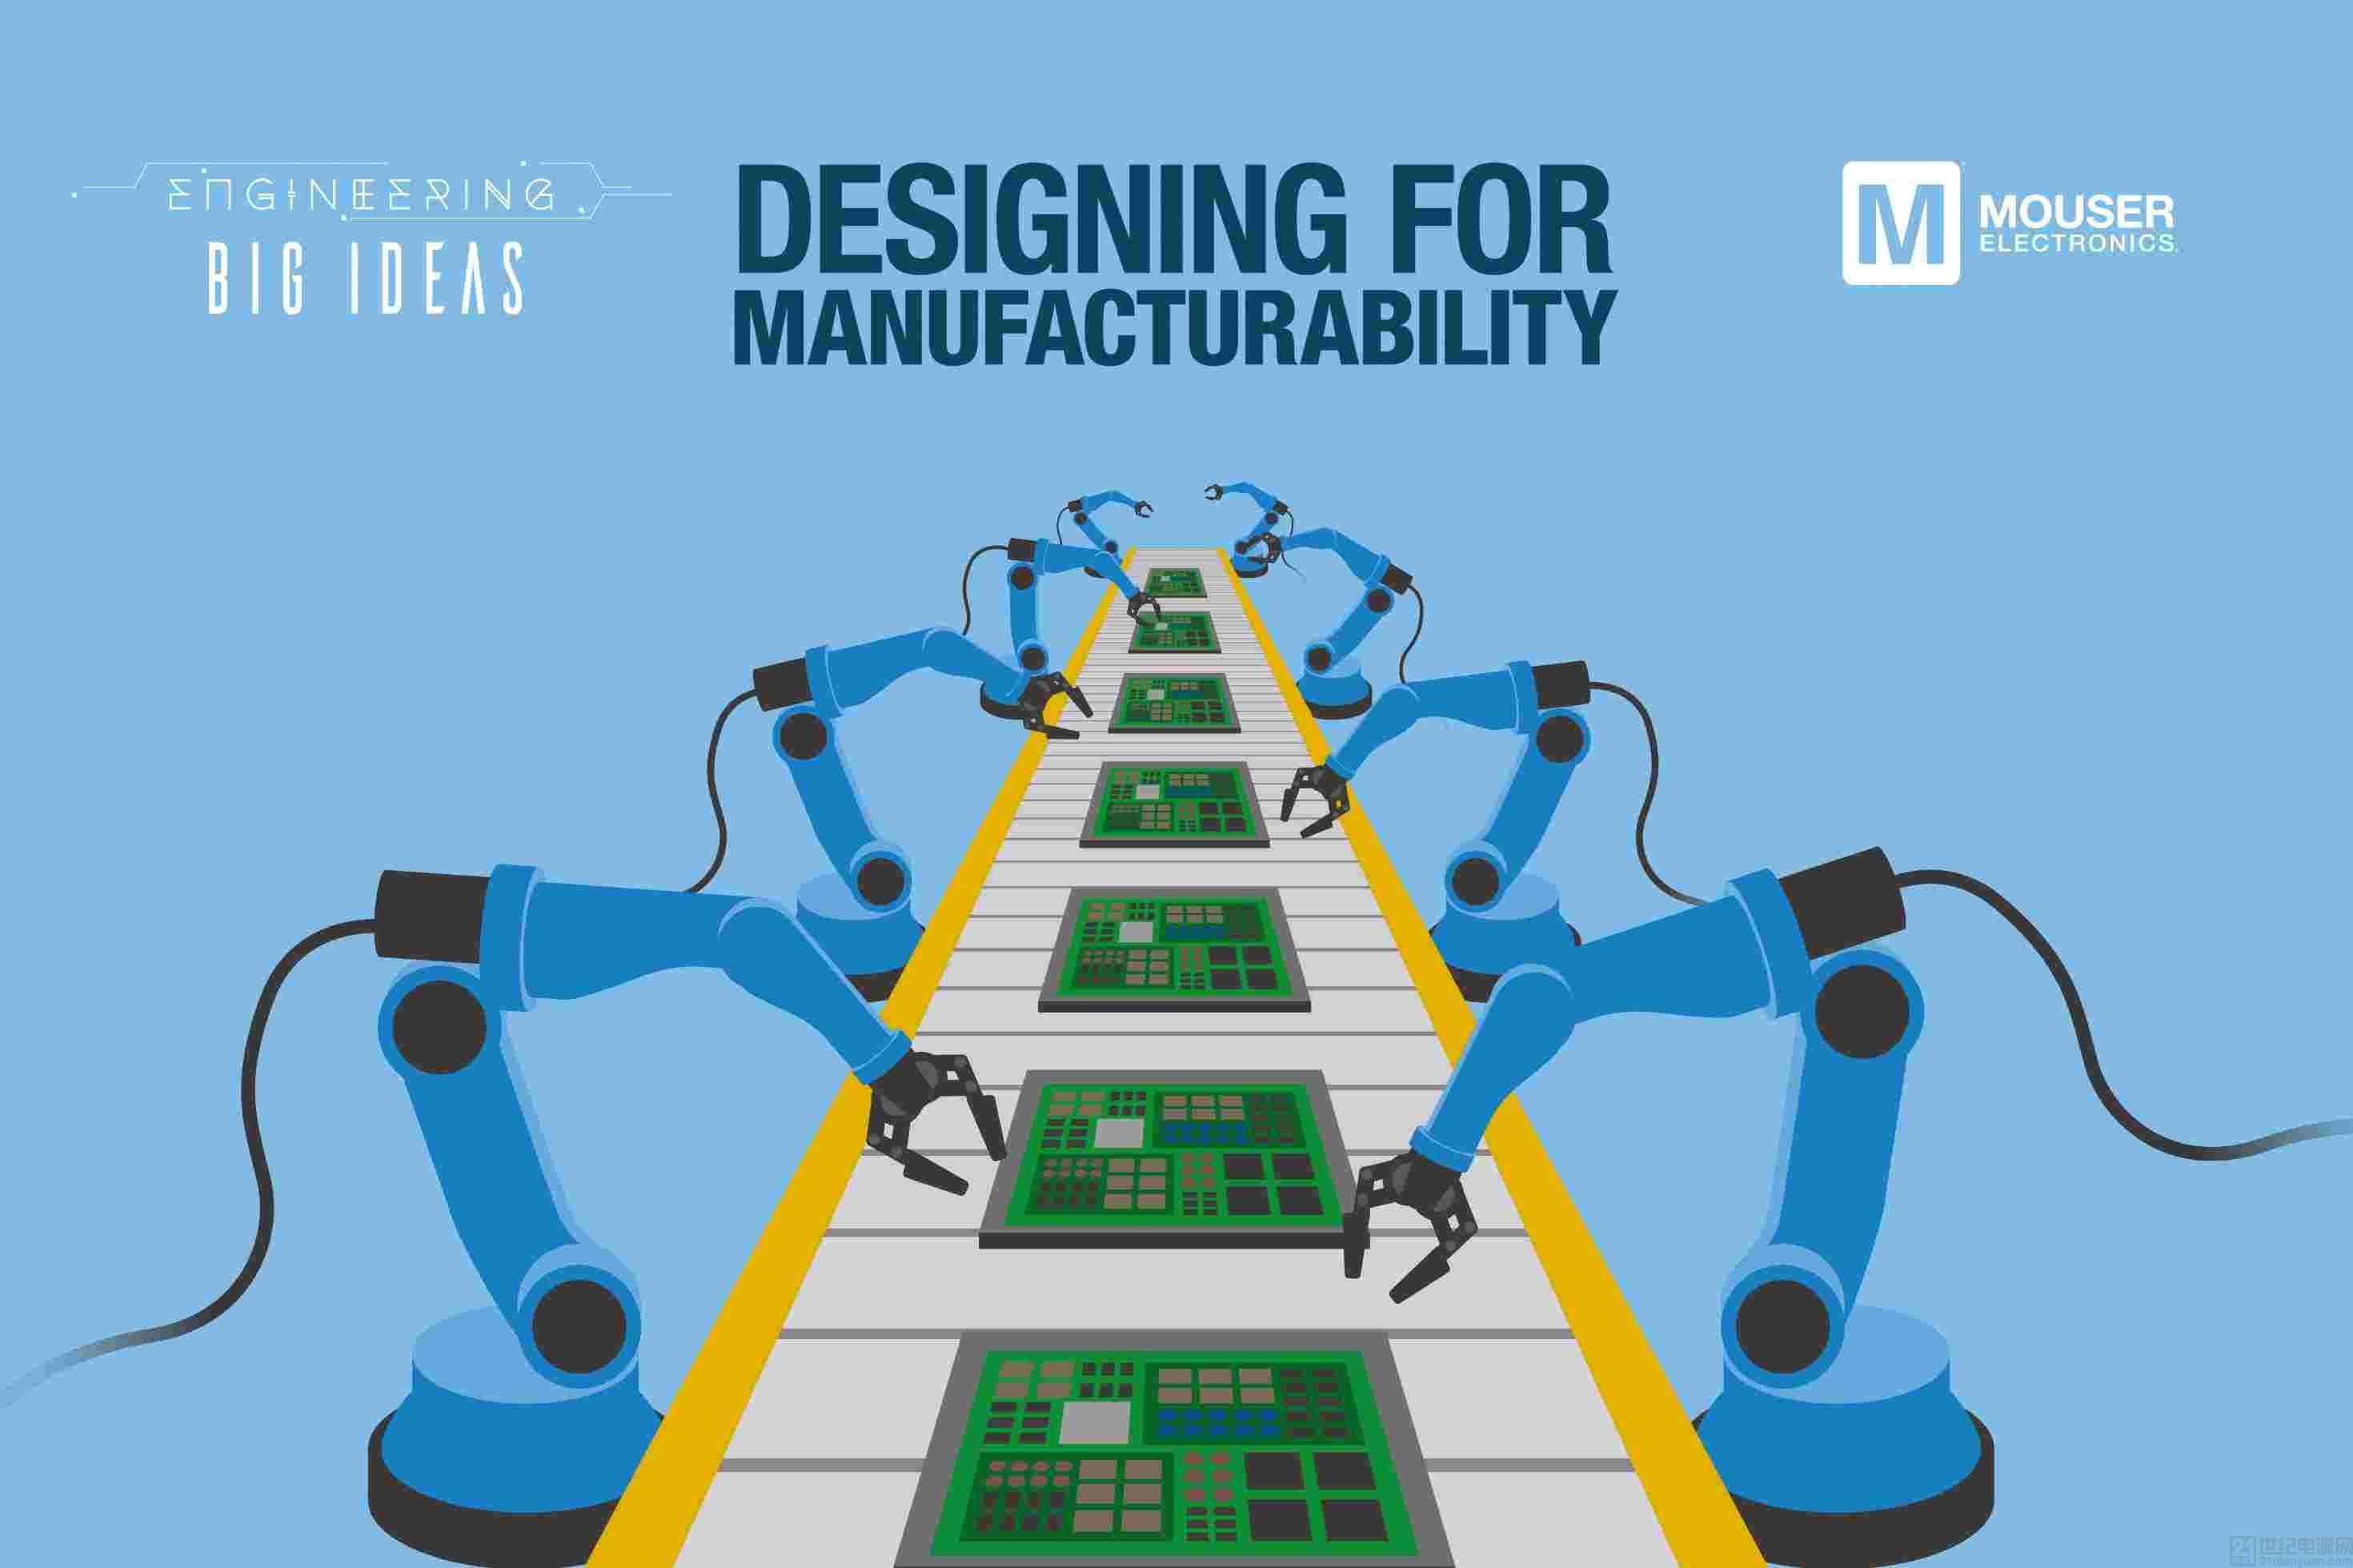 貿澤電子的《讓創意走進現實》系列推出新一期電子書探索面向制造的設計階段所面臨的挑戰